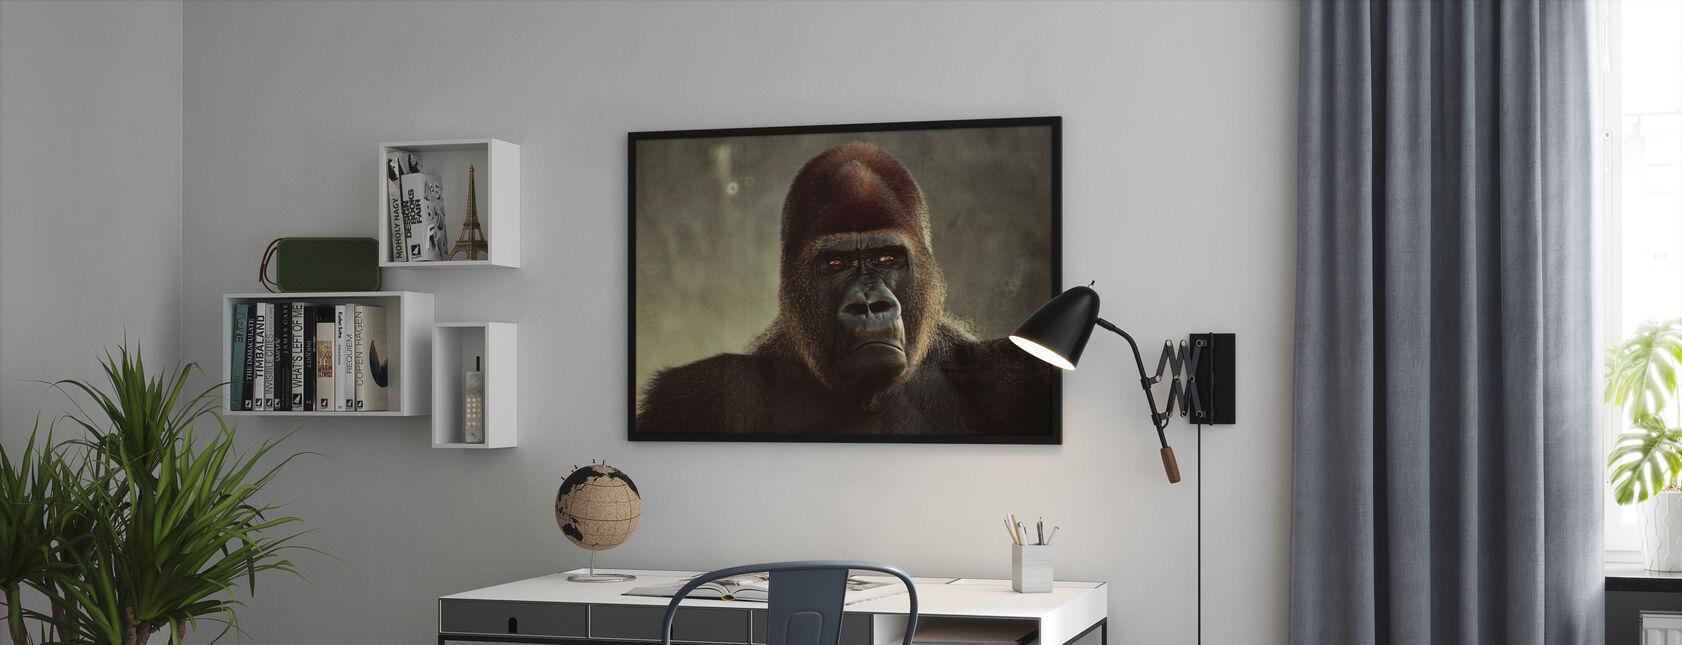 Mighty Gorilla - Framed print - Office